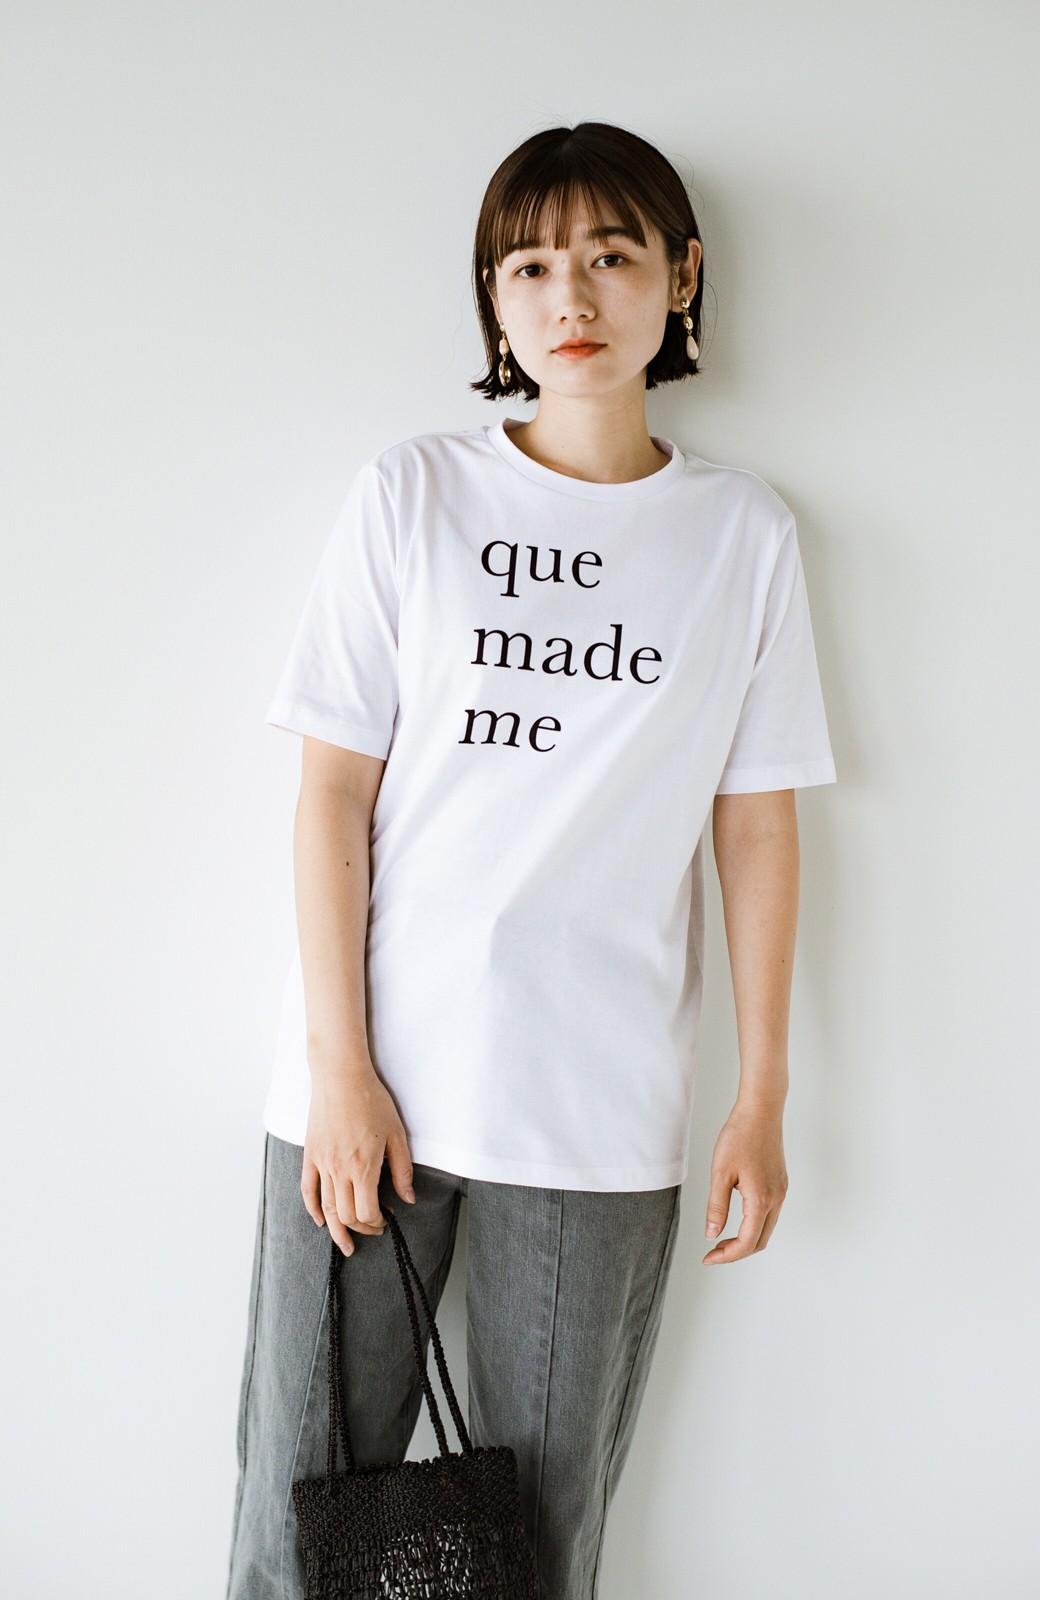 haco! 時間のない朝にもパッと出かけられる!元気が出るきれい色スカートにちょうどいいロゴTシャツを合わせておいた作り置きコーデセット by que made me <その他>の商品写真7